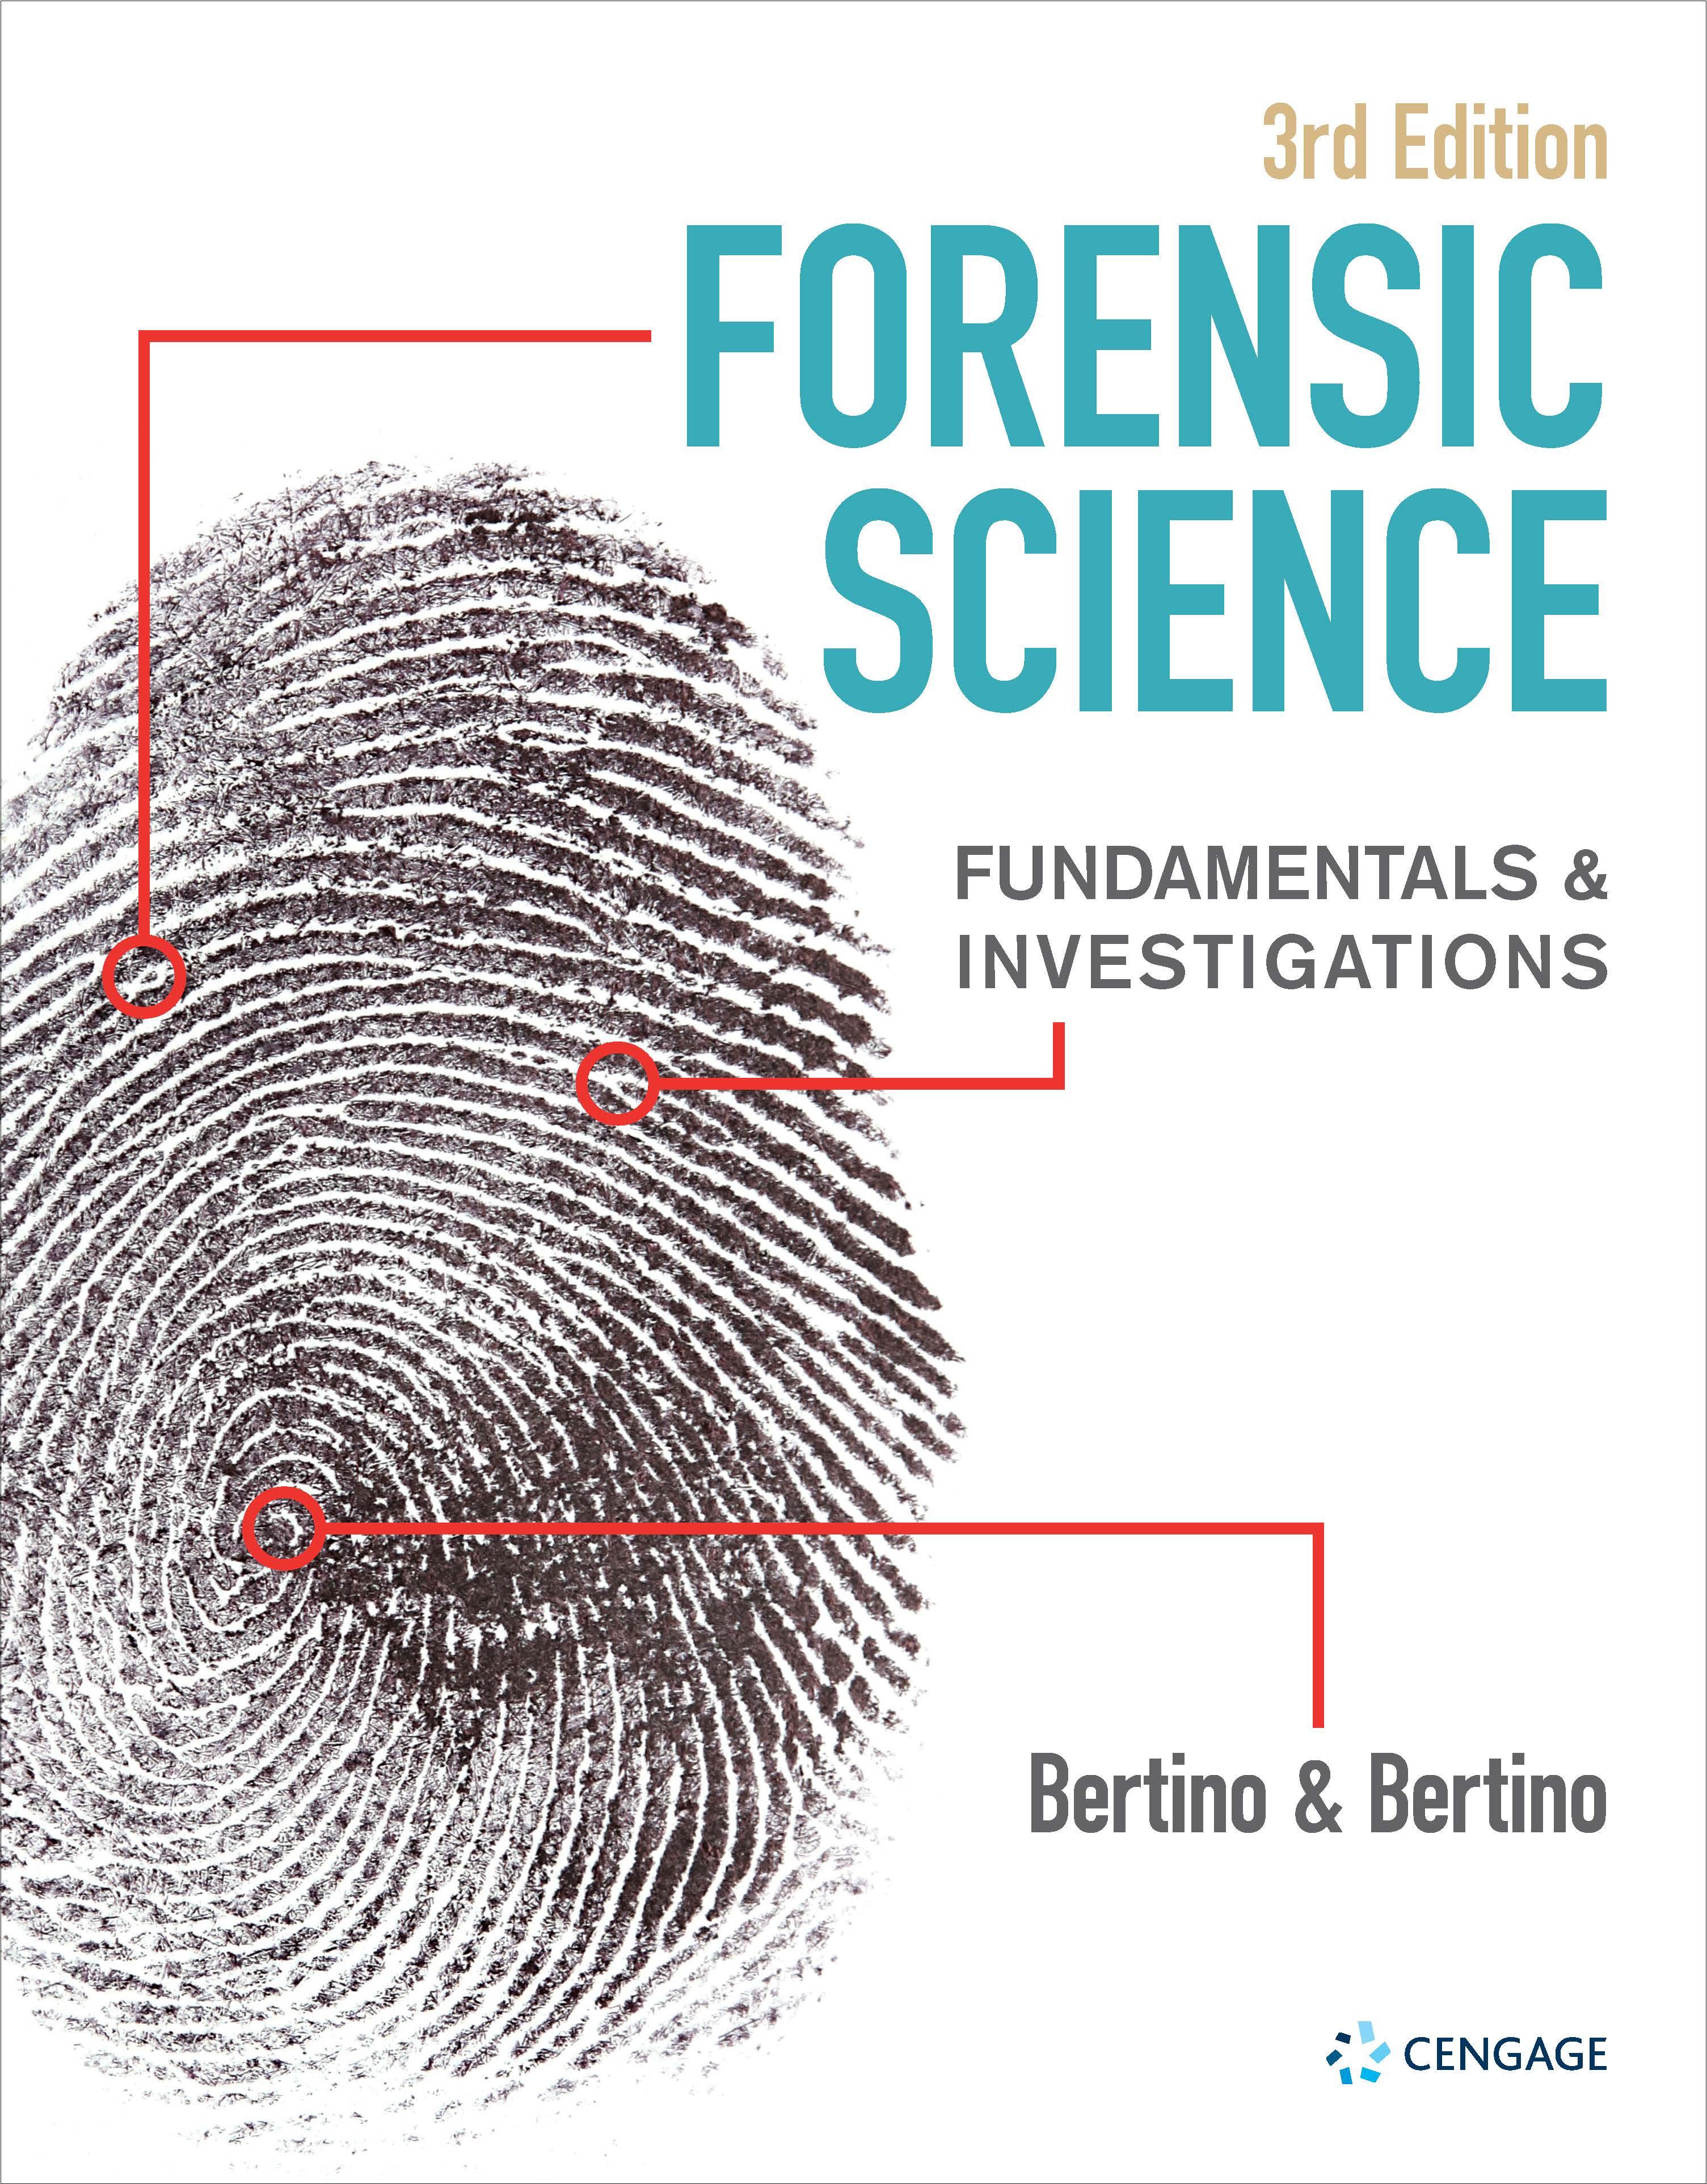 Bertino Forensics Textbook Information